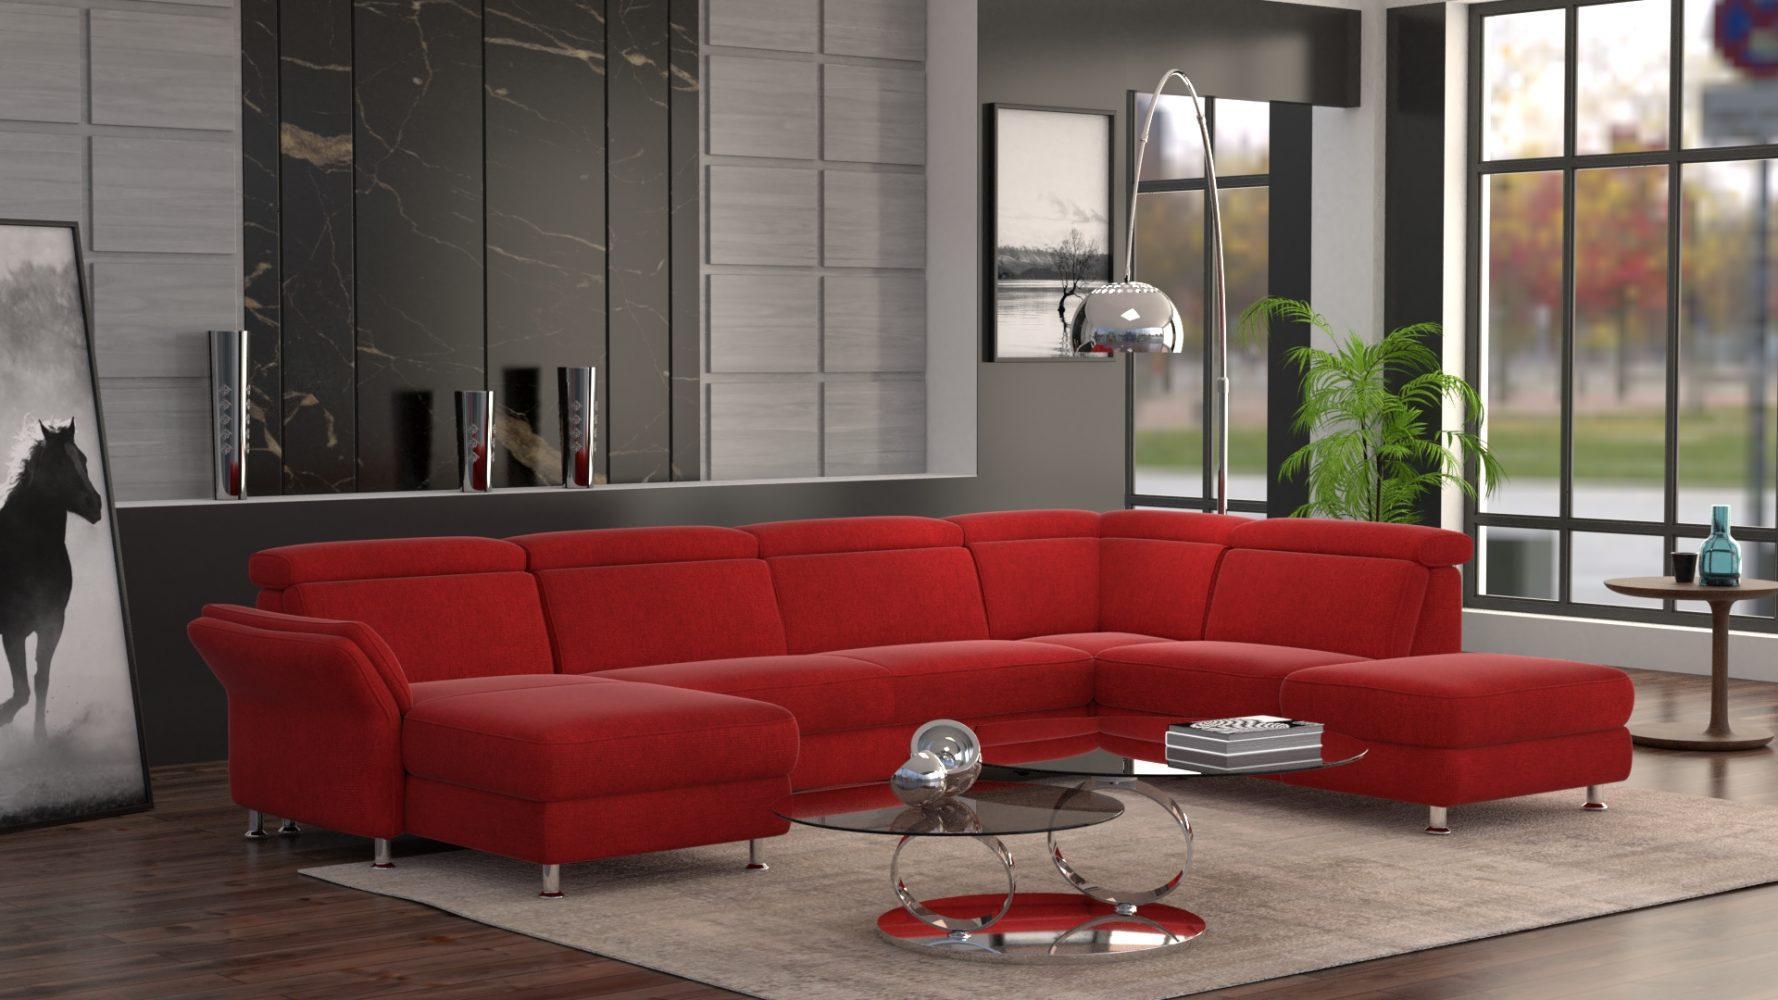 ספה בצורת